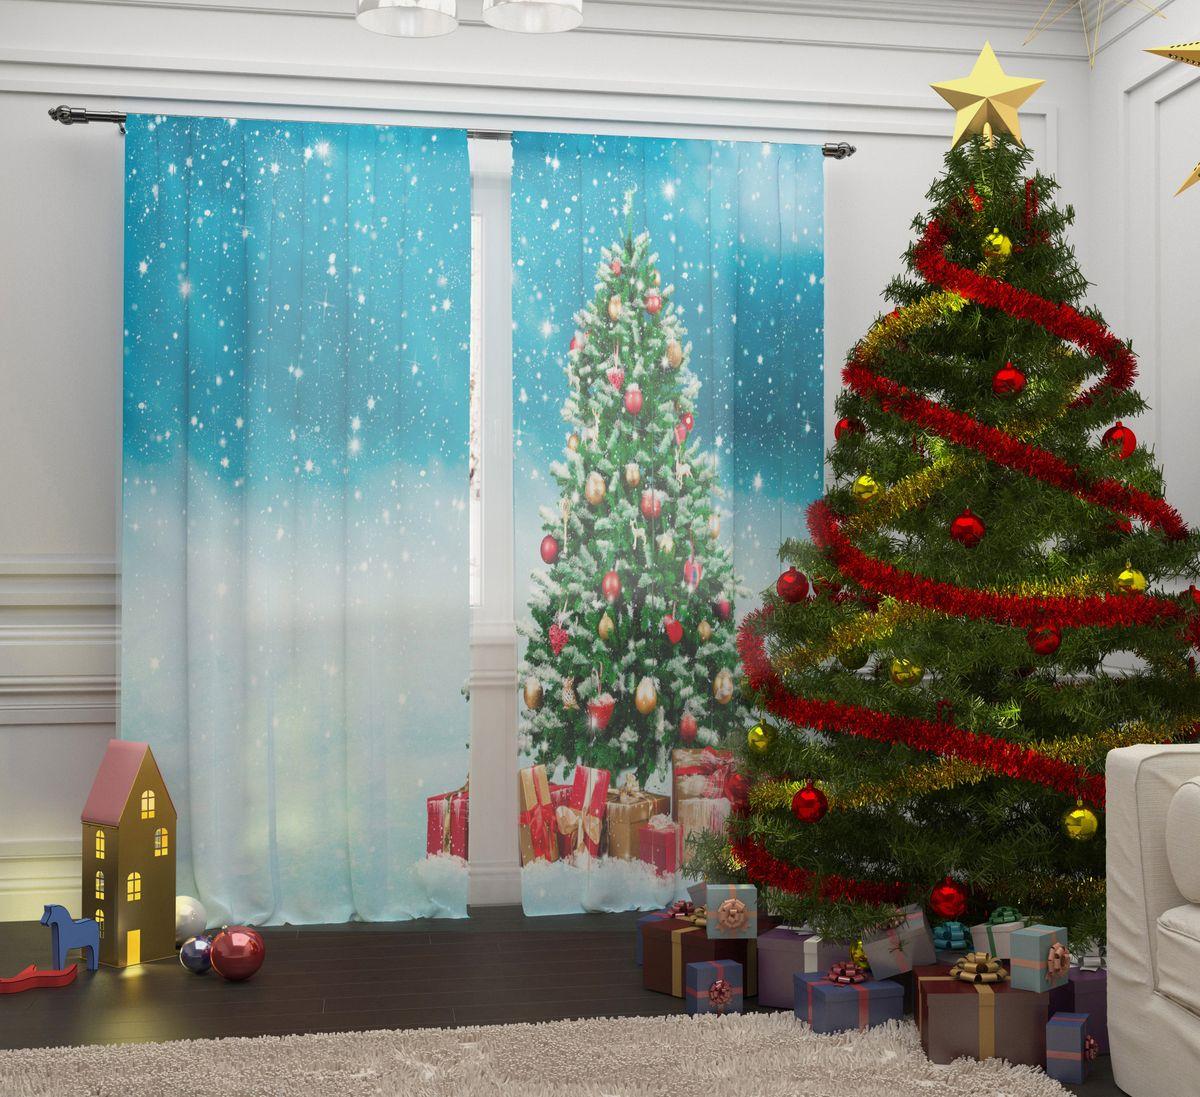 Комплект фототюлей Сирень Елка с подарками, на ленте, высота 260 см07287-ФТ-ВЛ-001Перед новогодними праздниками каждая хозяйка или хозяин хотят украсить свой дом. Комплект фототюлей Сирень Елка с подарками - оригинальное решение, которое позволит украсить ваше окно отличным рисунком с новогодней тематикой. Он выполнен из легкой парящейвуали. Новогодняя фототюль Сирень станет отличным подарком на Новый год. Подарите радость праздника себе и вашим близким людям!